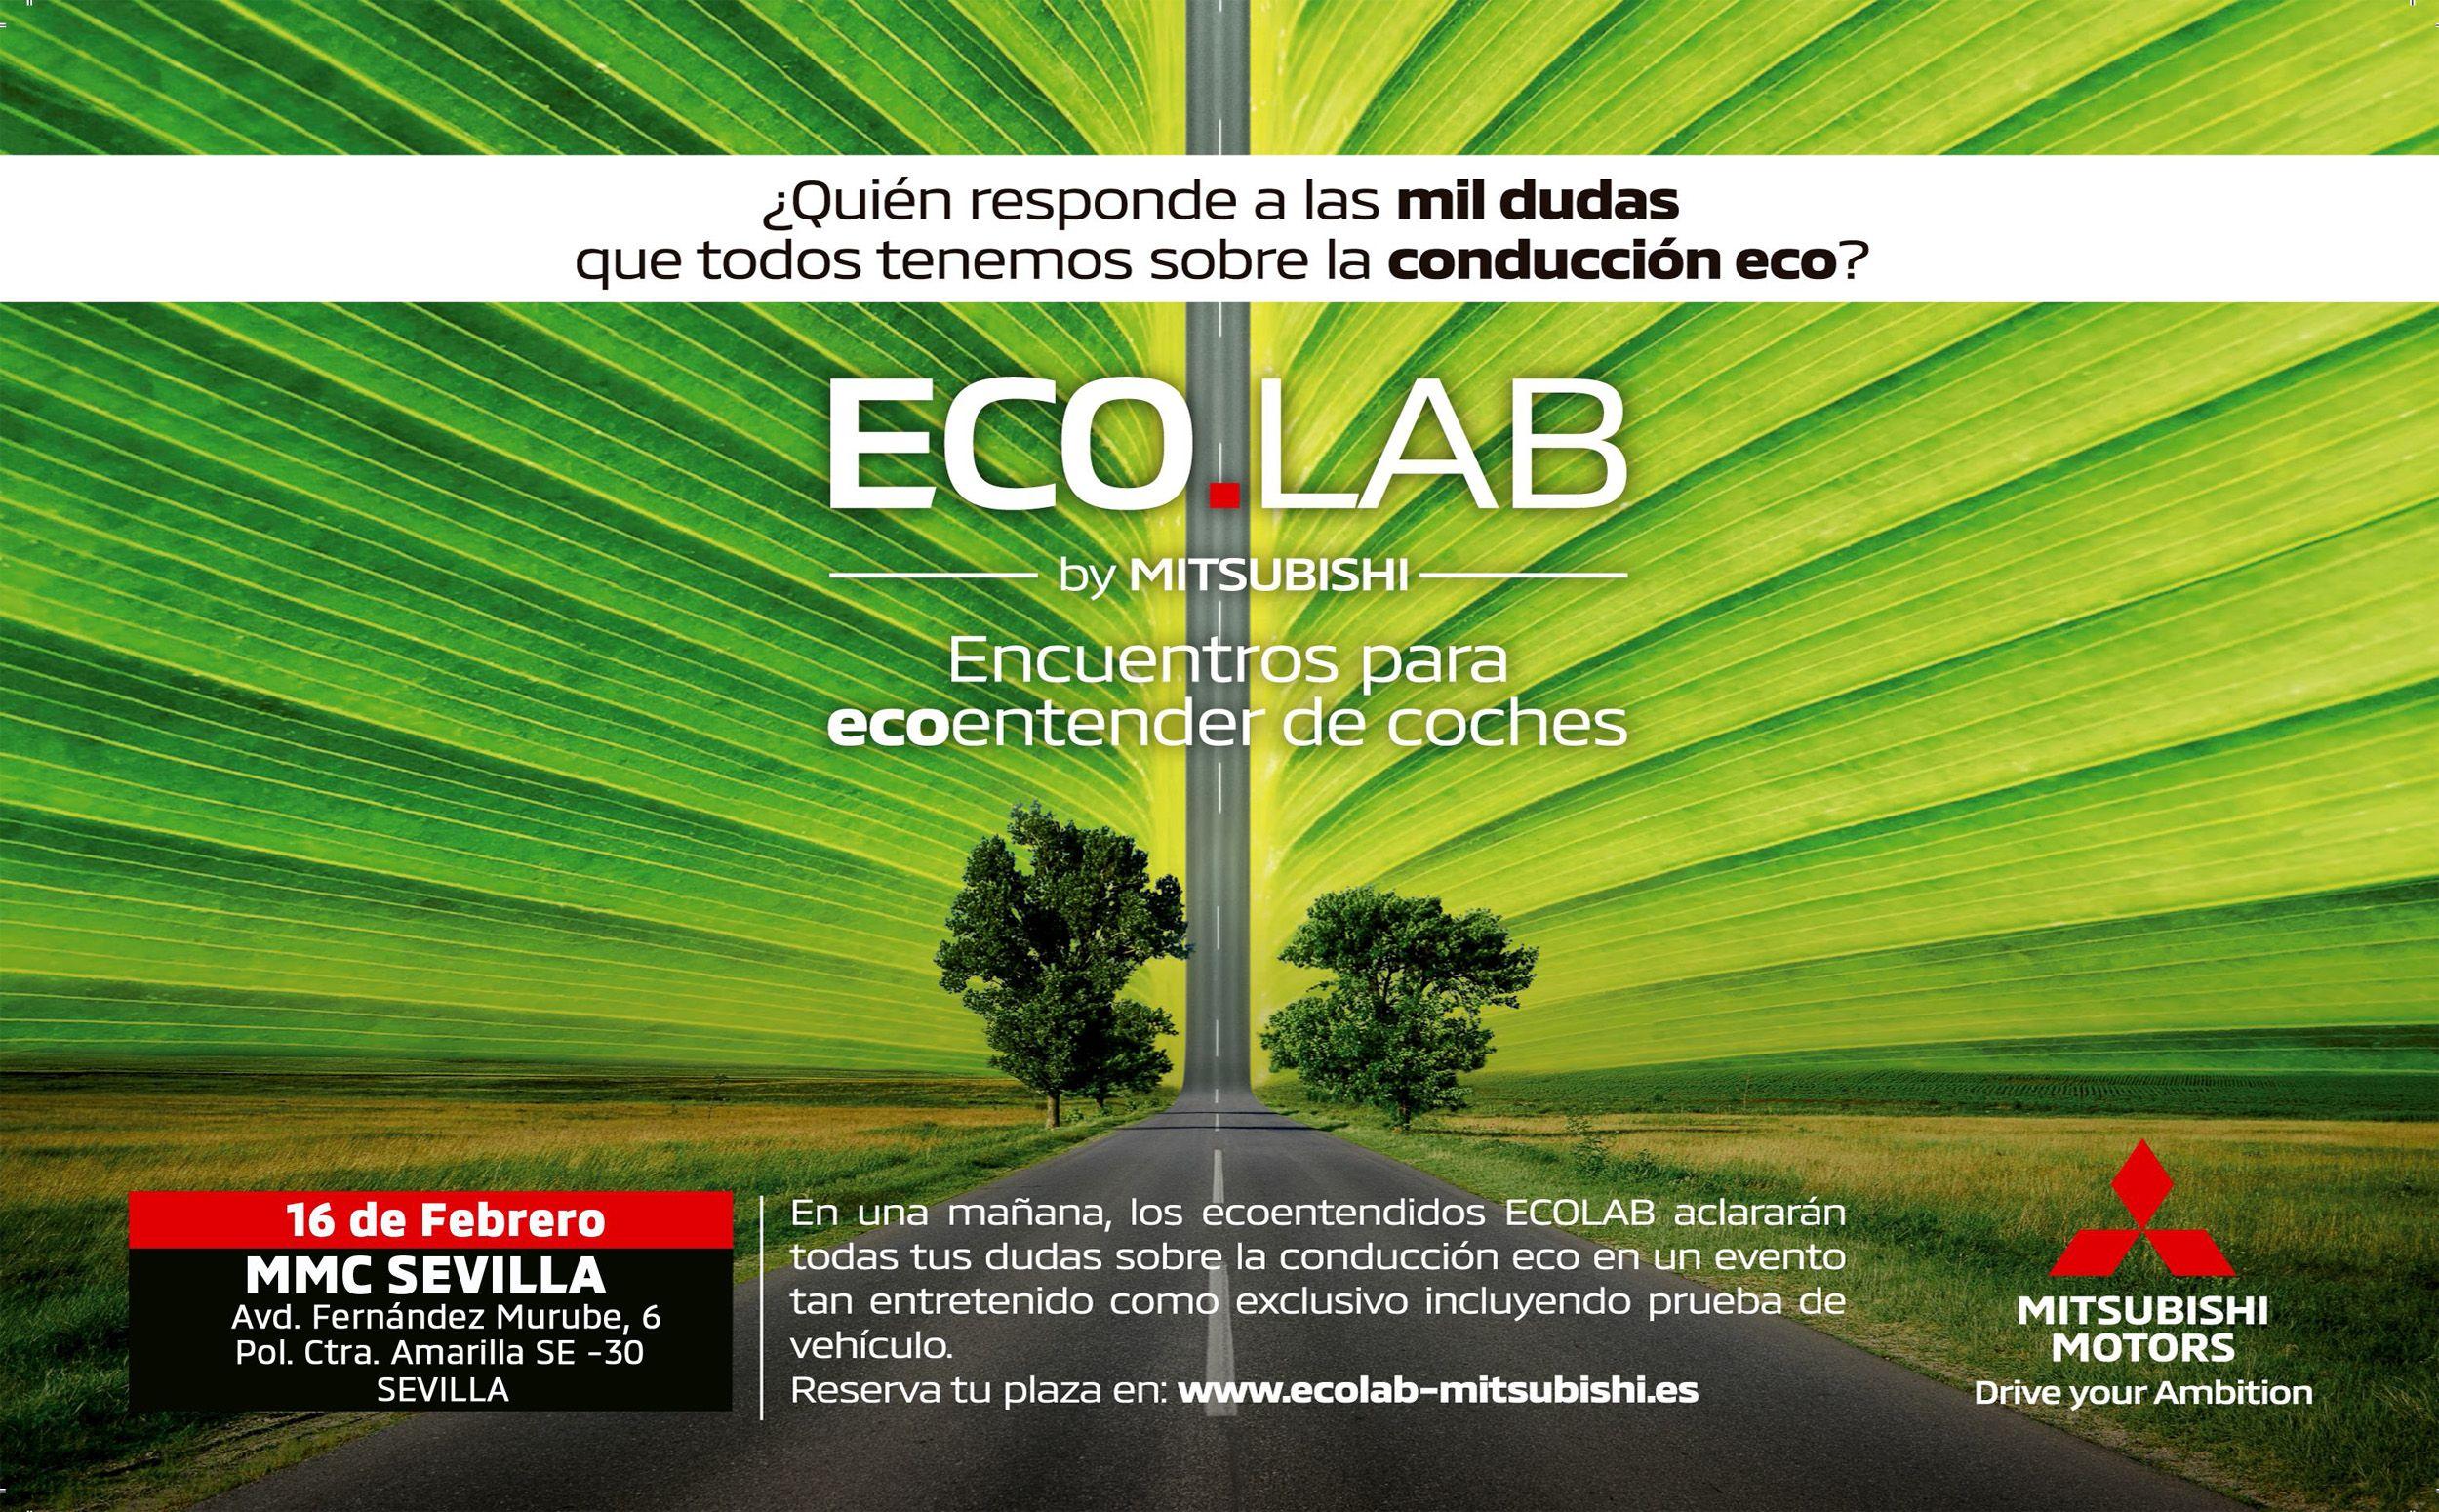 Mitsubishi Motors llega a Sevilla con EcoLab, un espacio para Ecoentender